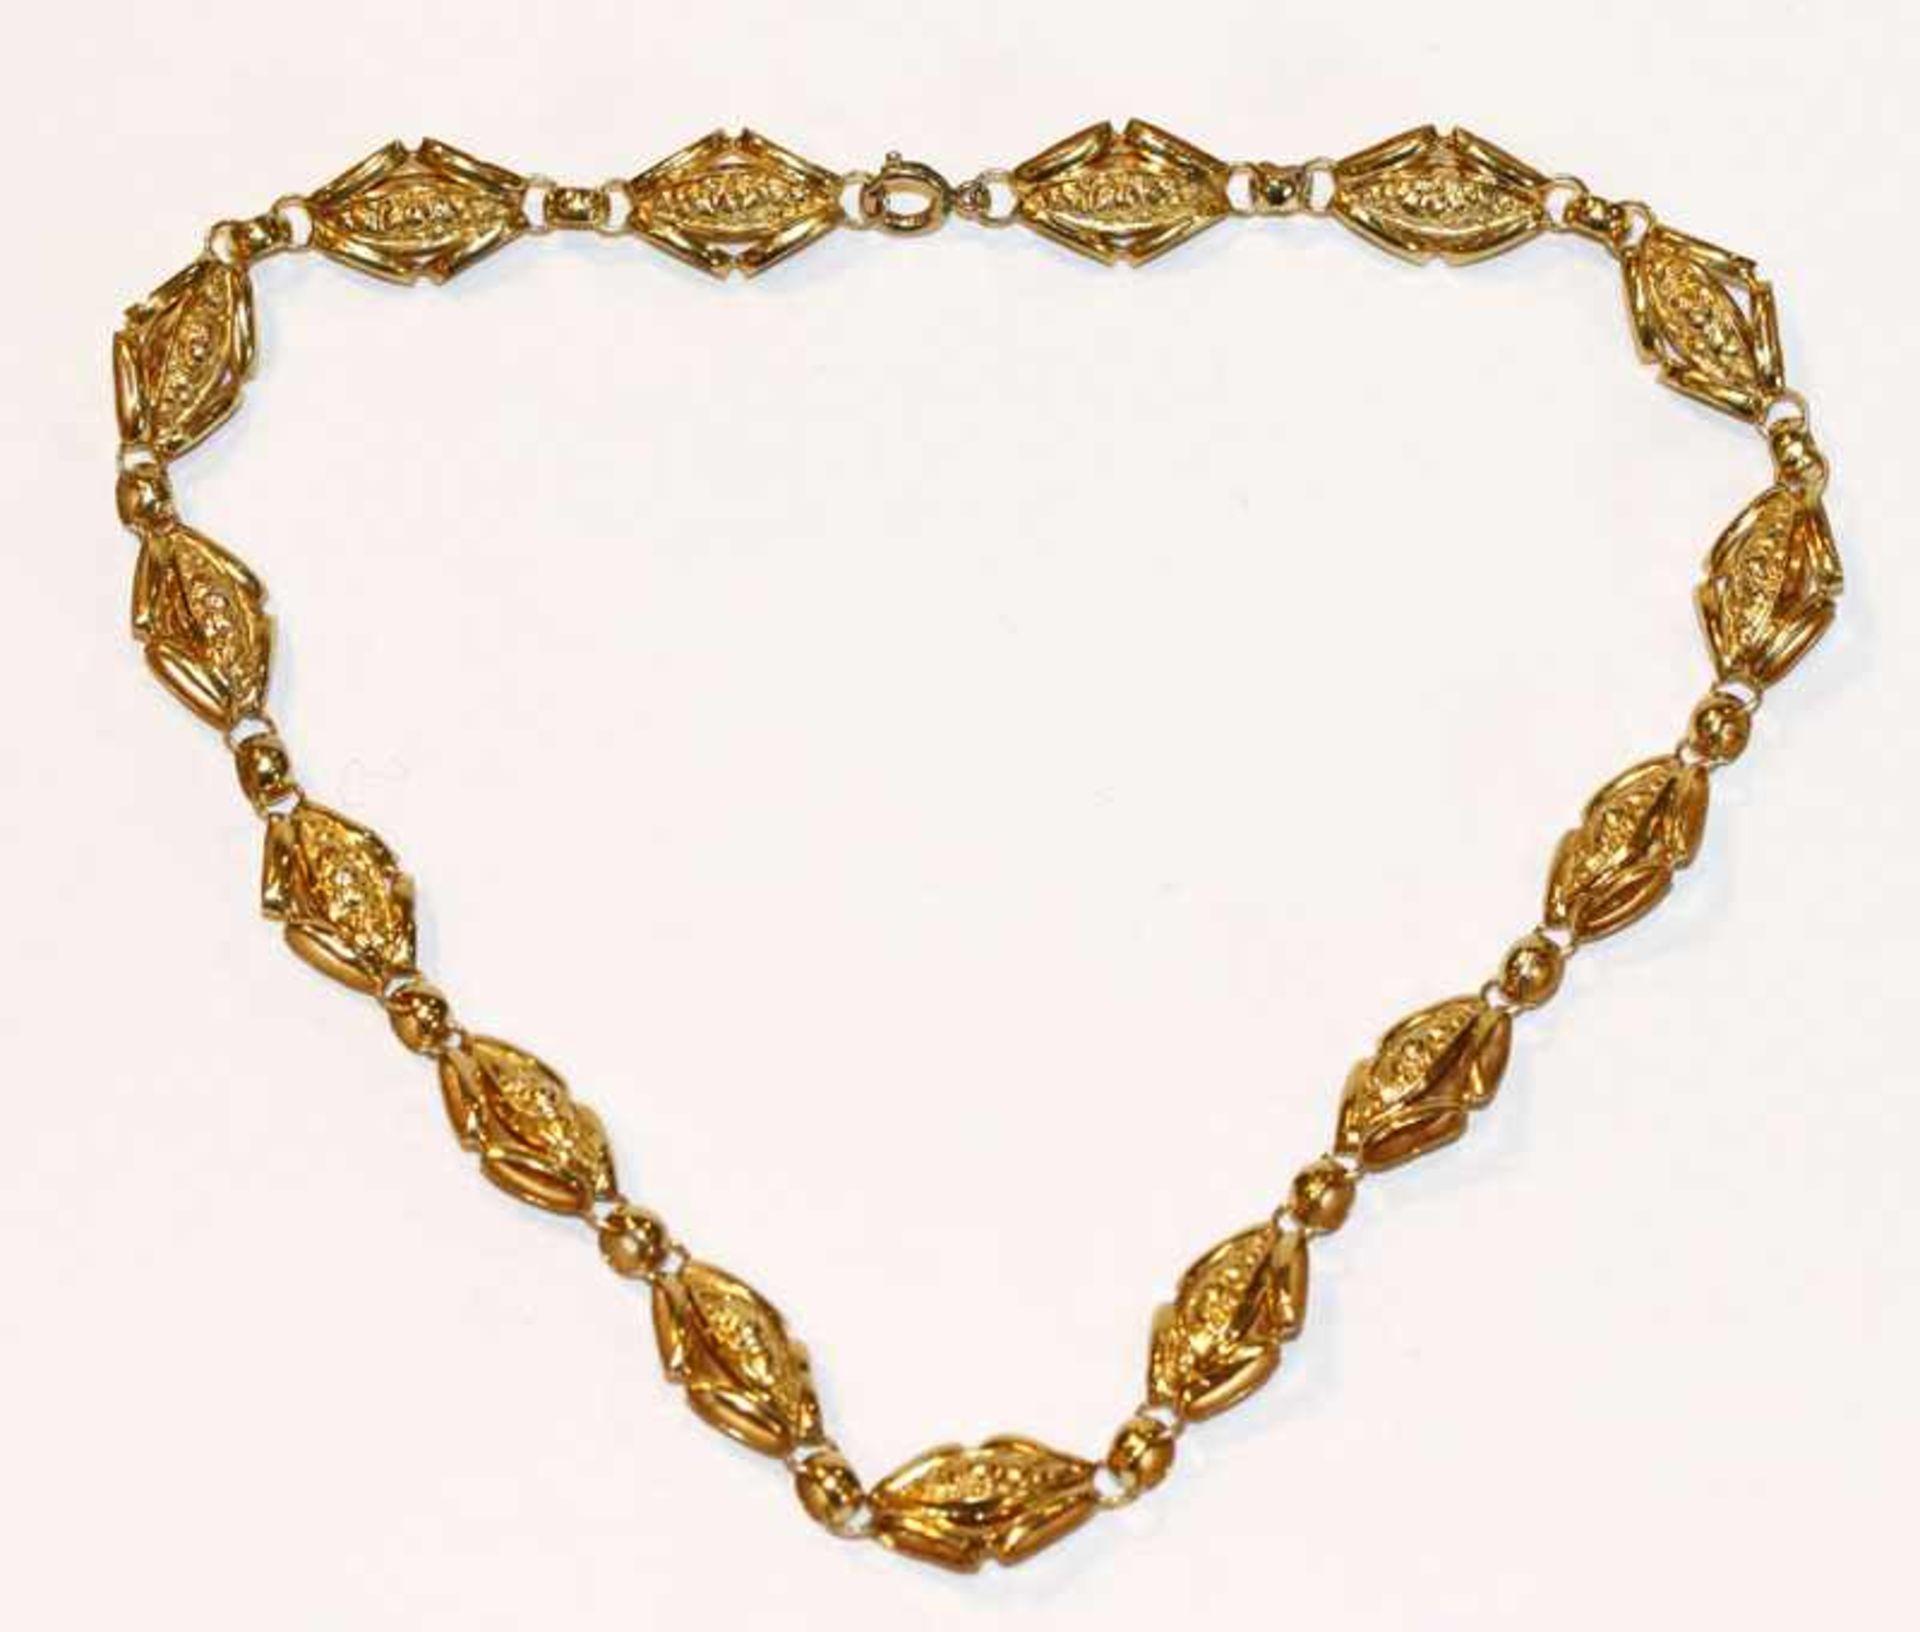 Los 52 - Dekorative 14 k Gelbgold Kette, 19. Jahrhundert, 12,6 gr., schöne Handarbeit, L 38 cm